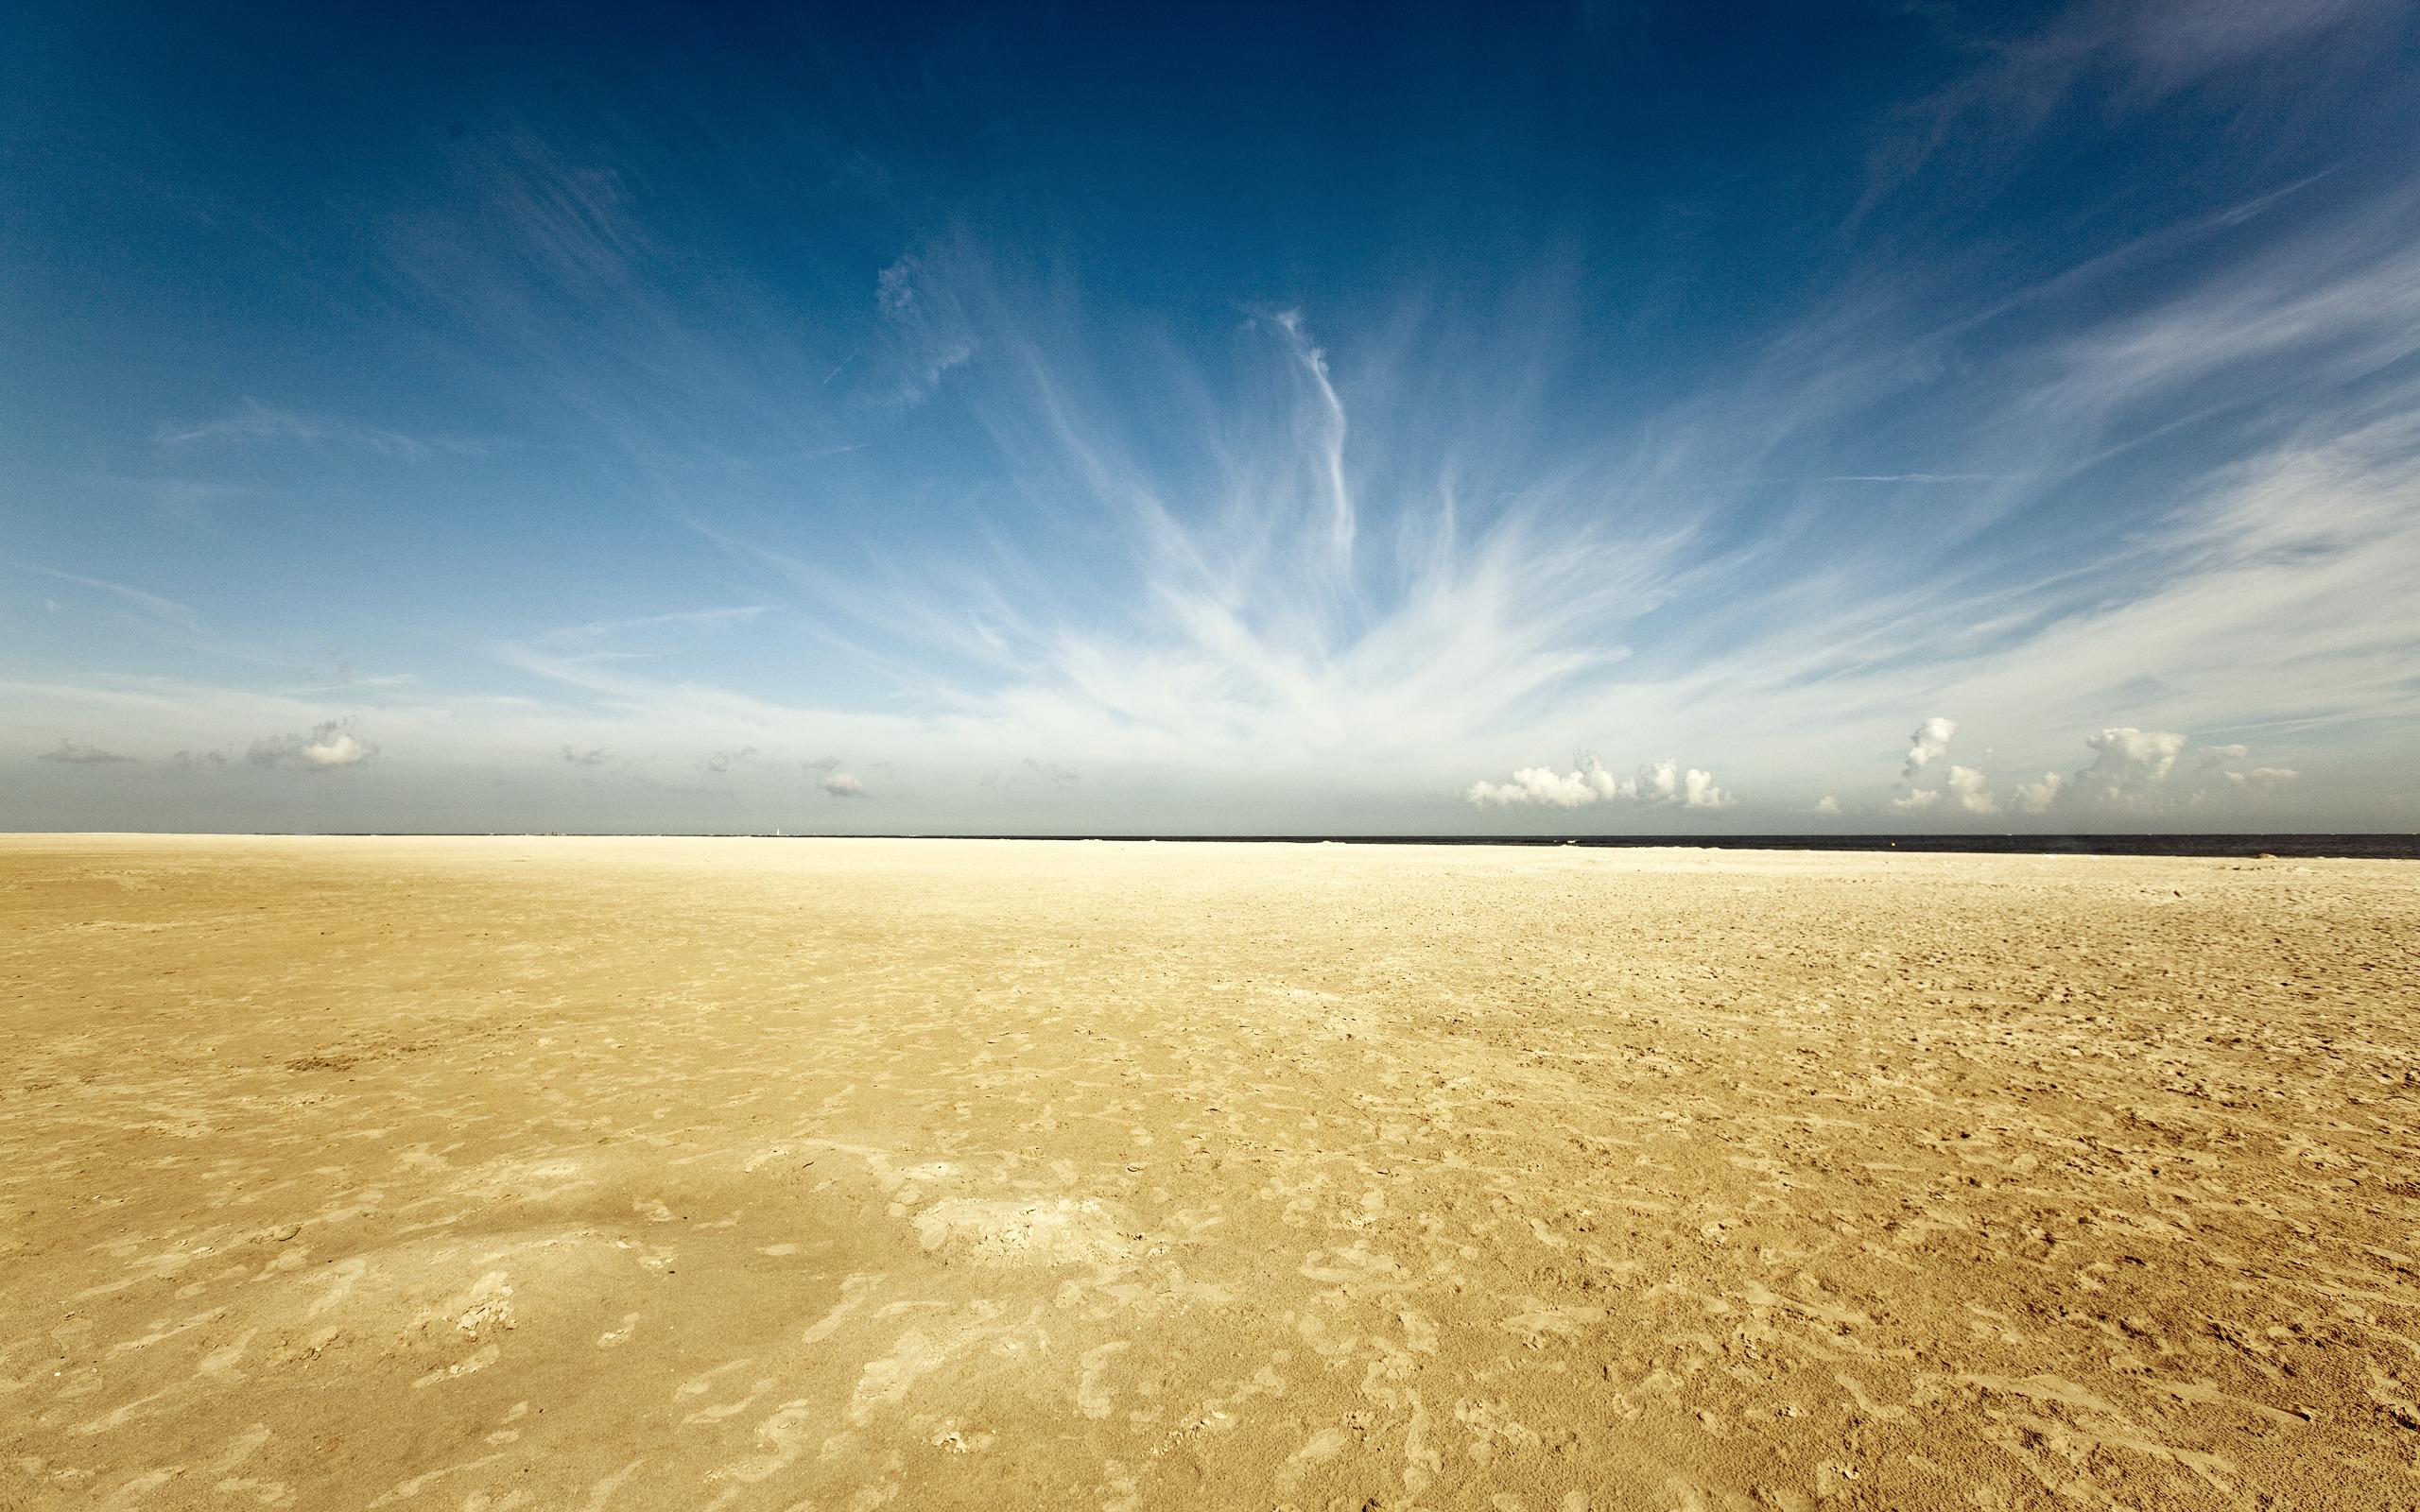 природа море солнце горизонт небо облака  № 717635 бесплатно